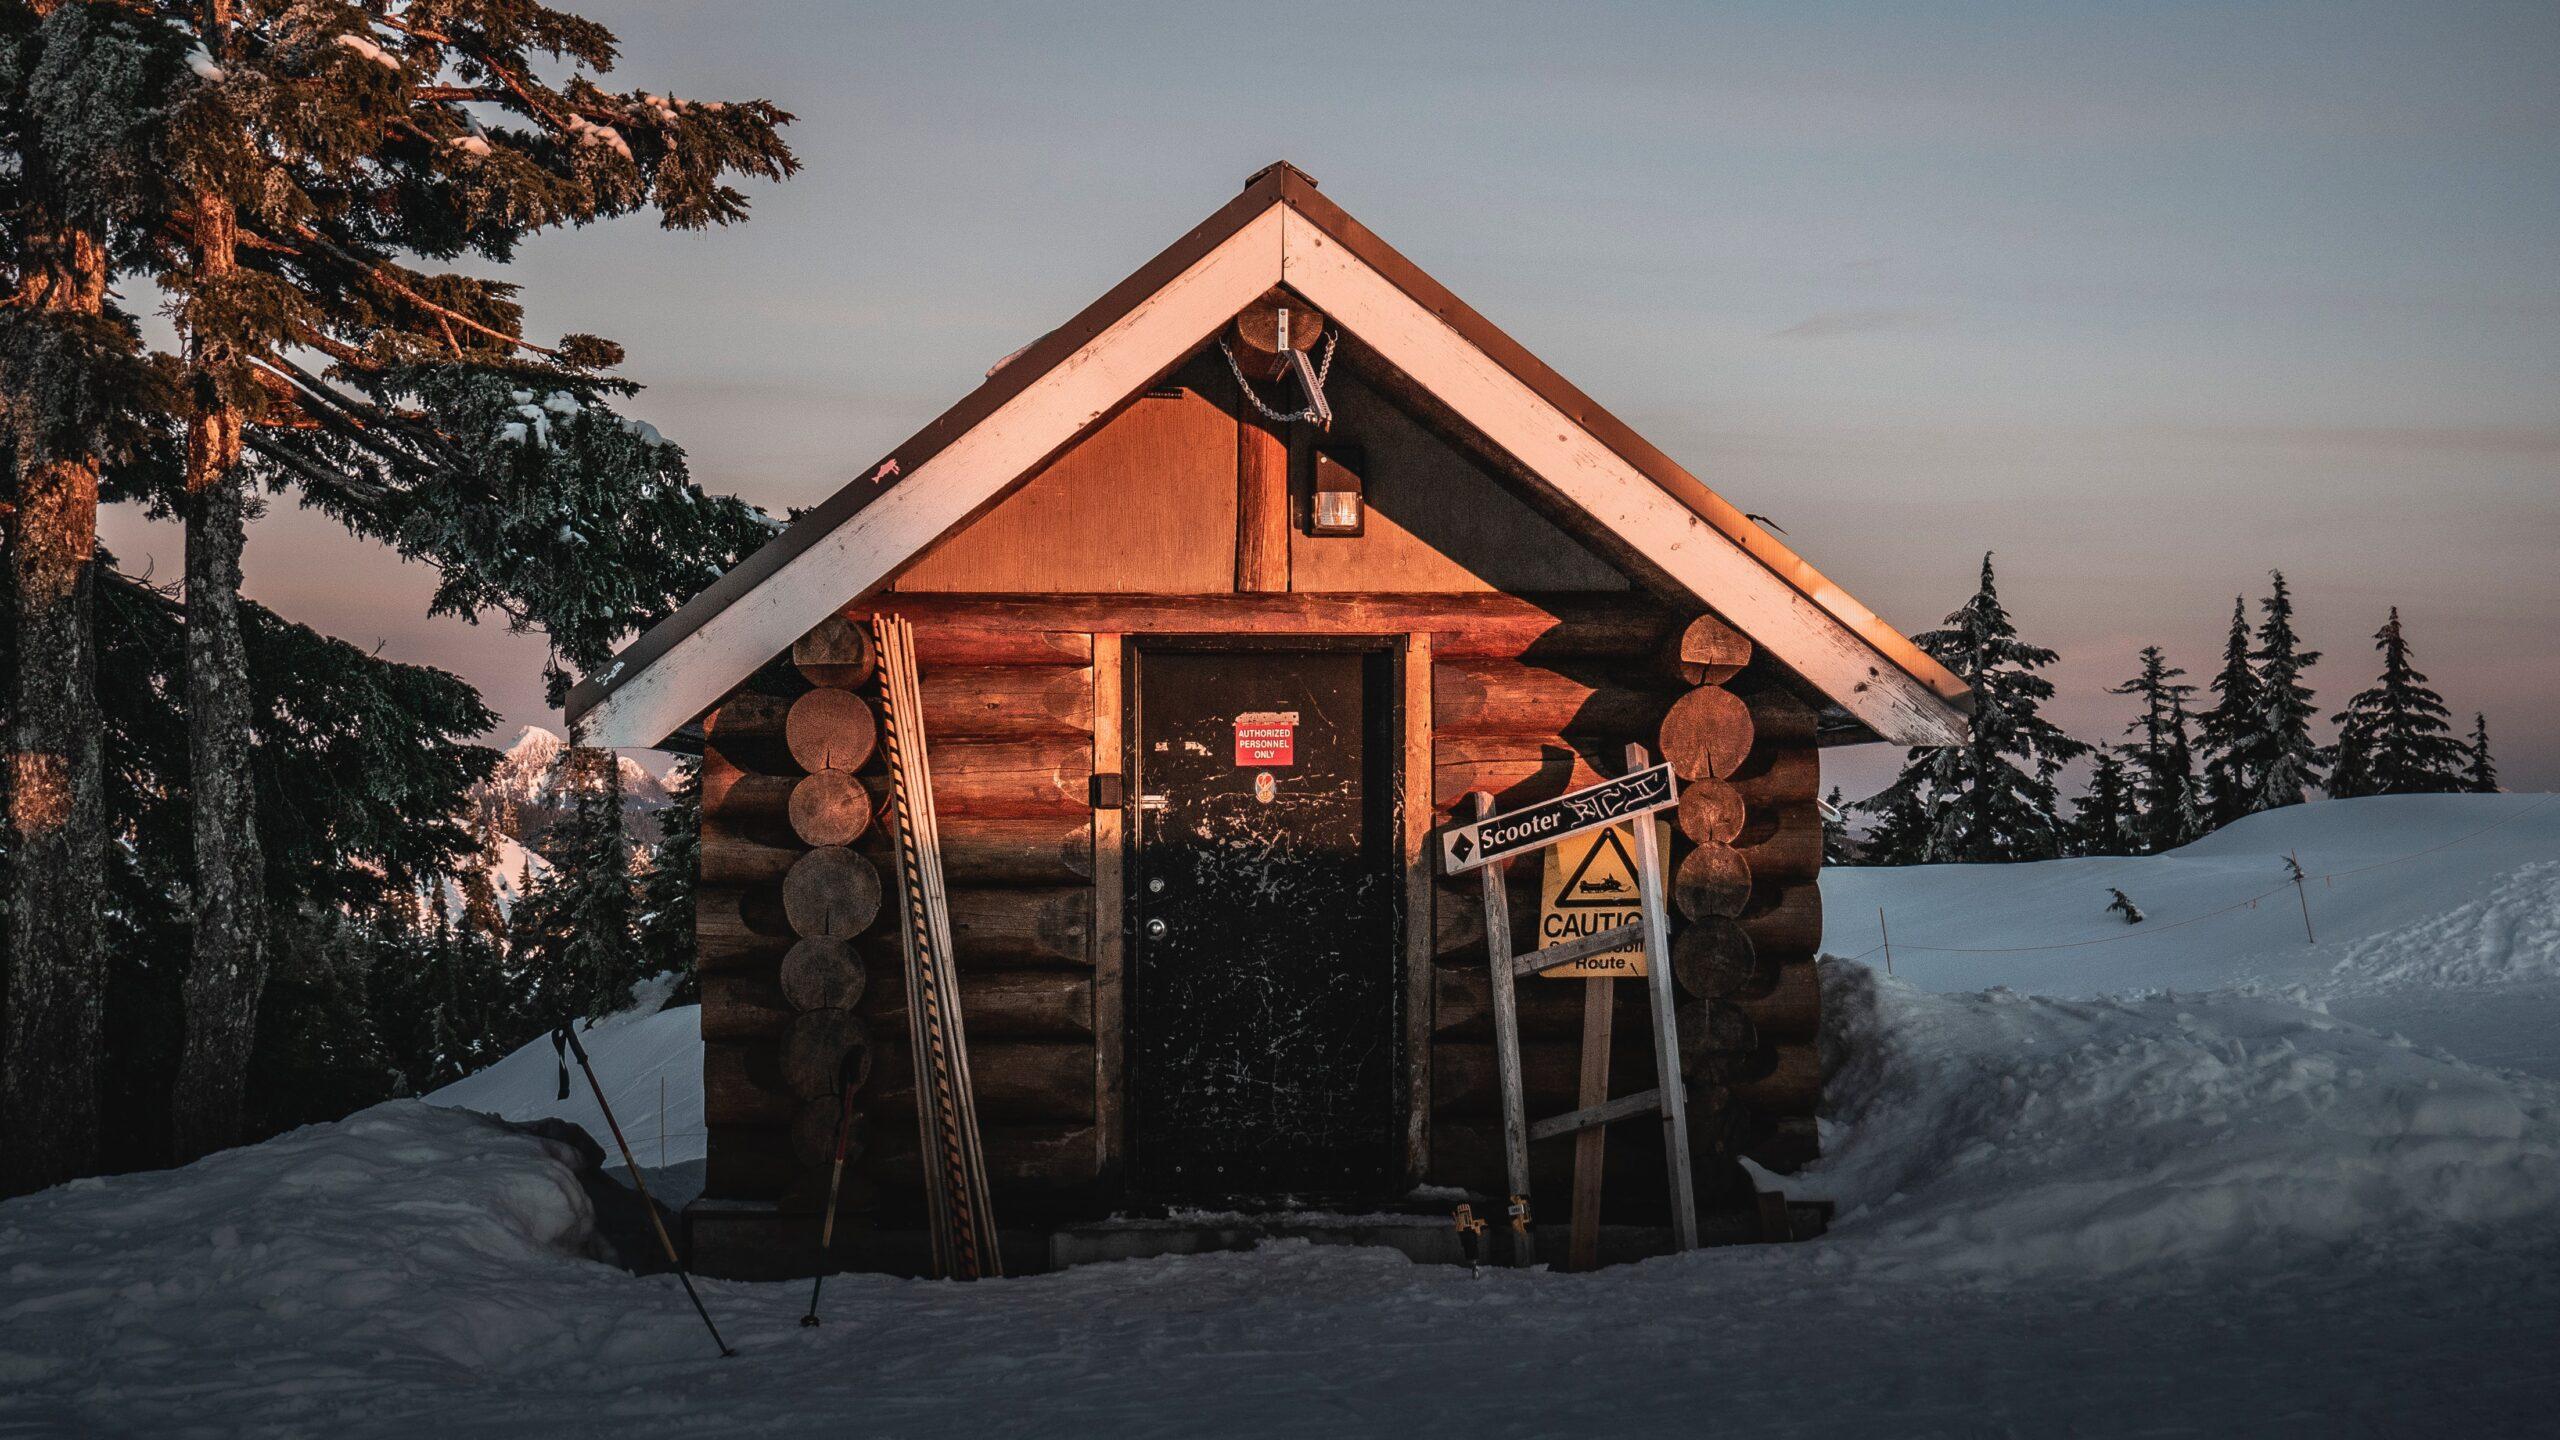 ski patrol cabin